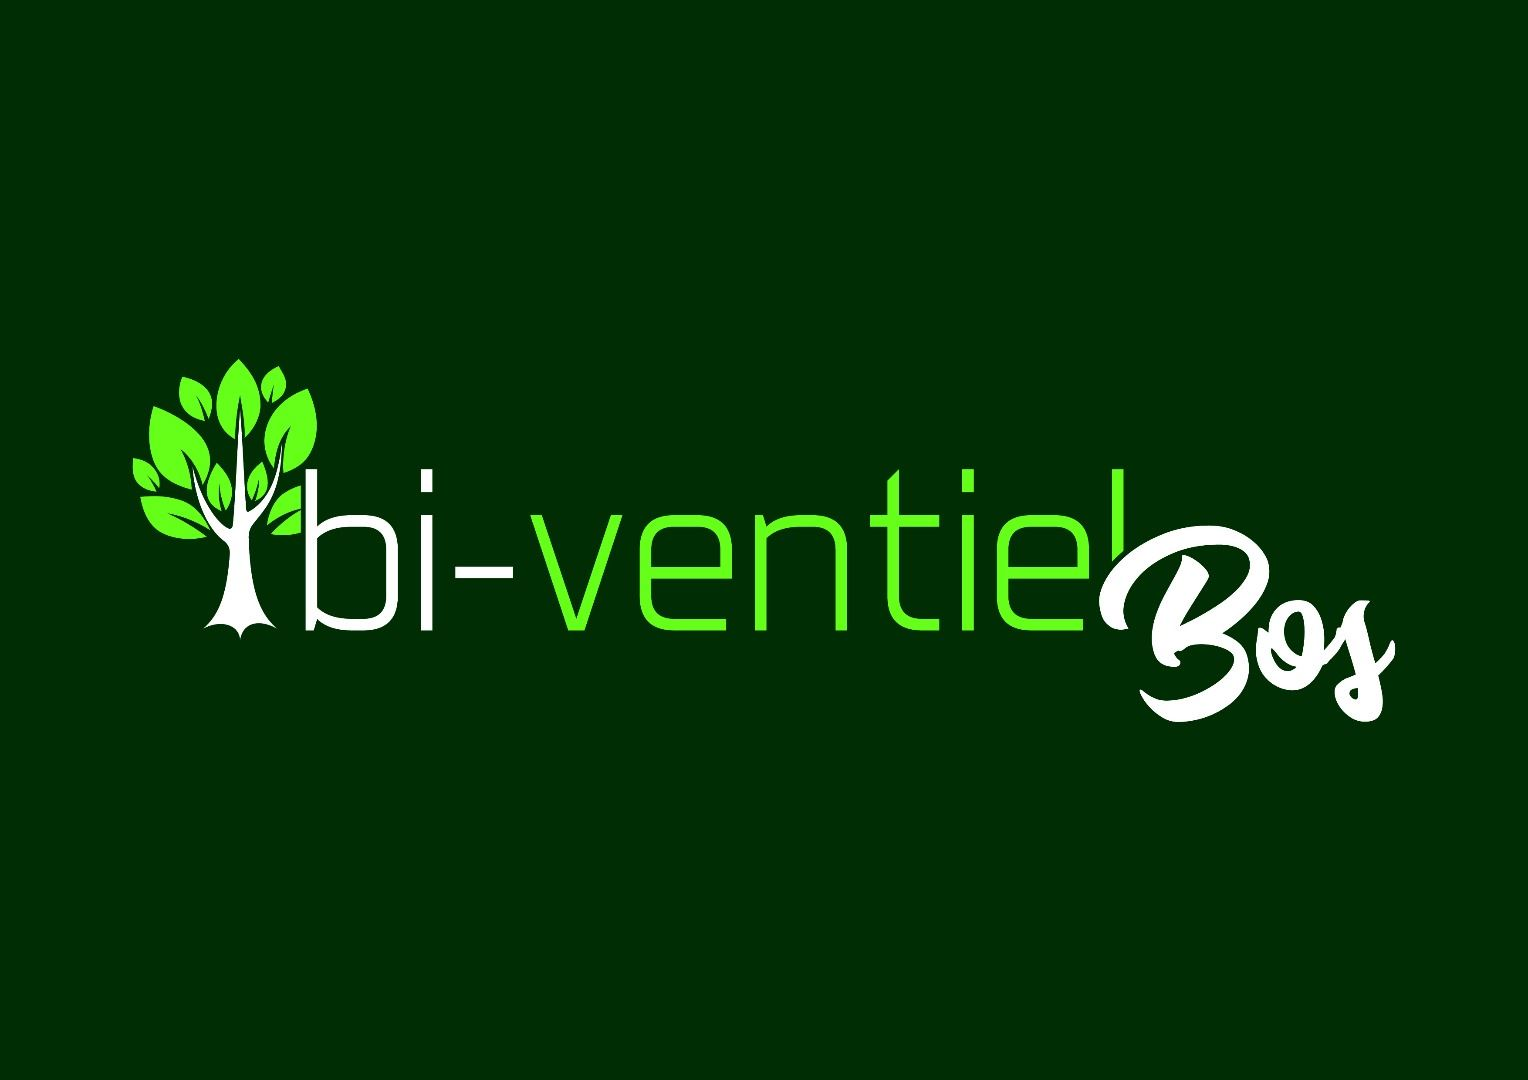 Logo bi-ventielbos